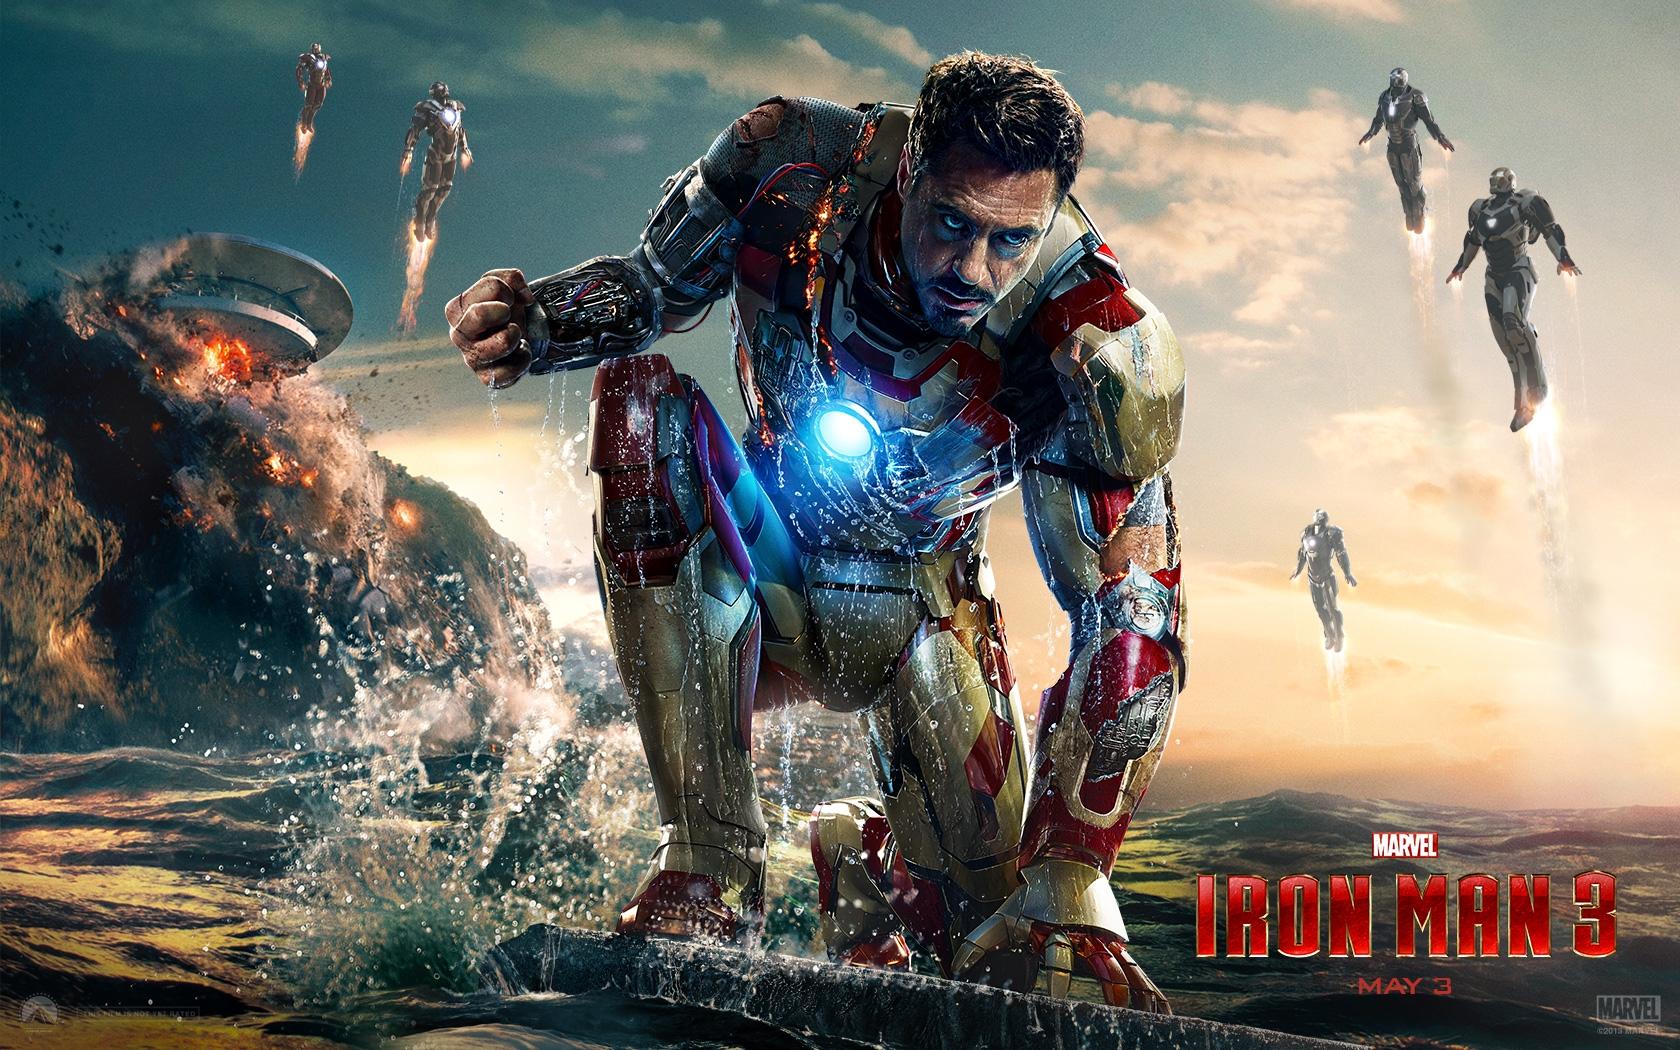 iron man 3 movie wide